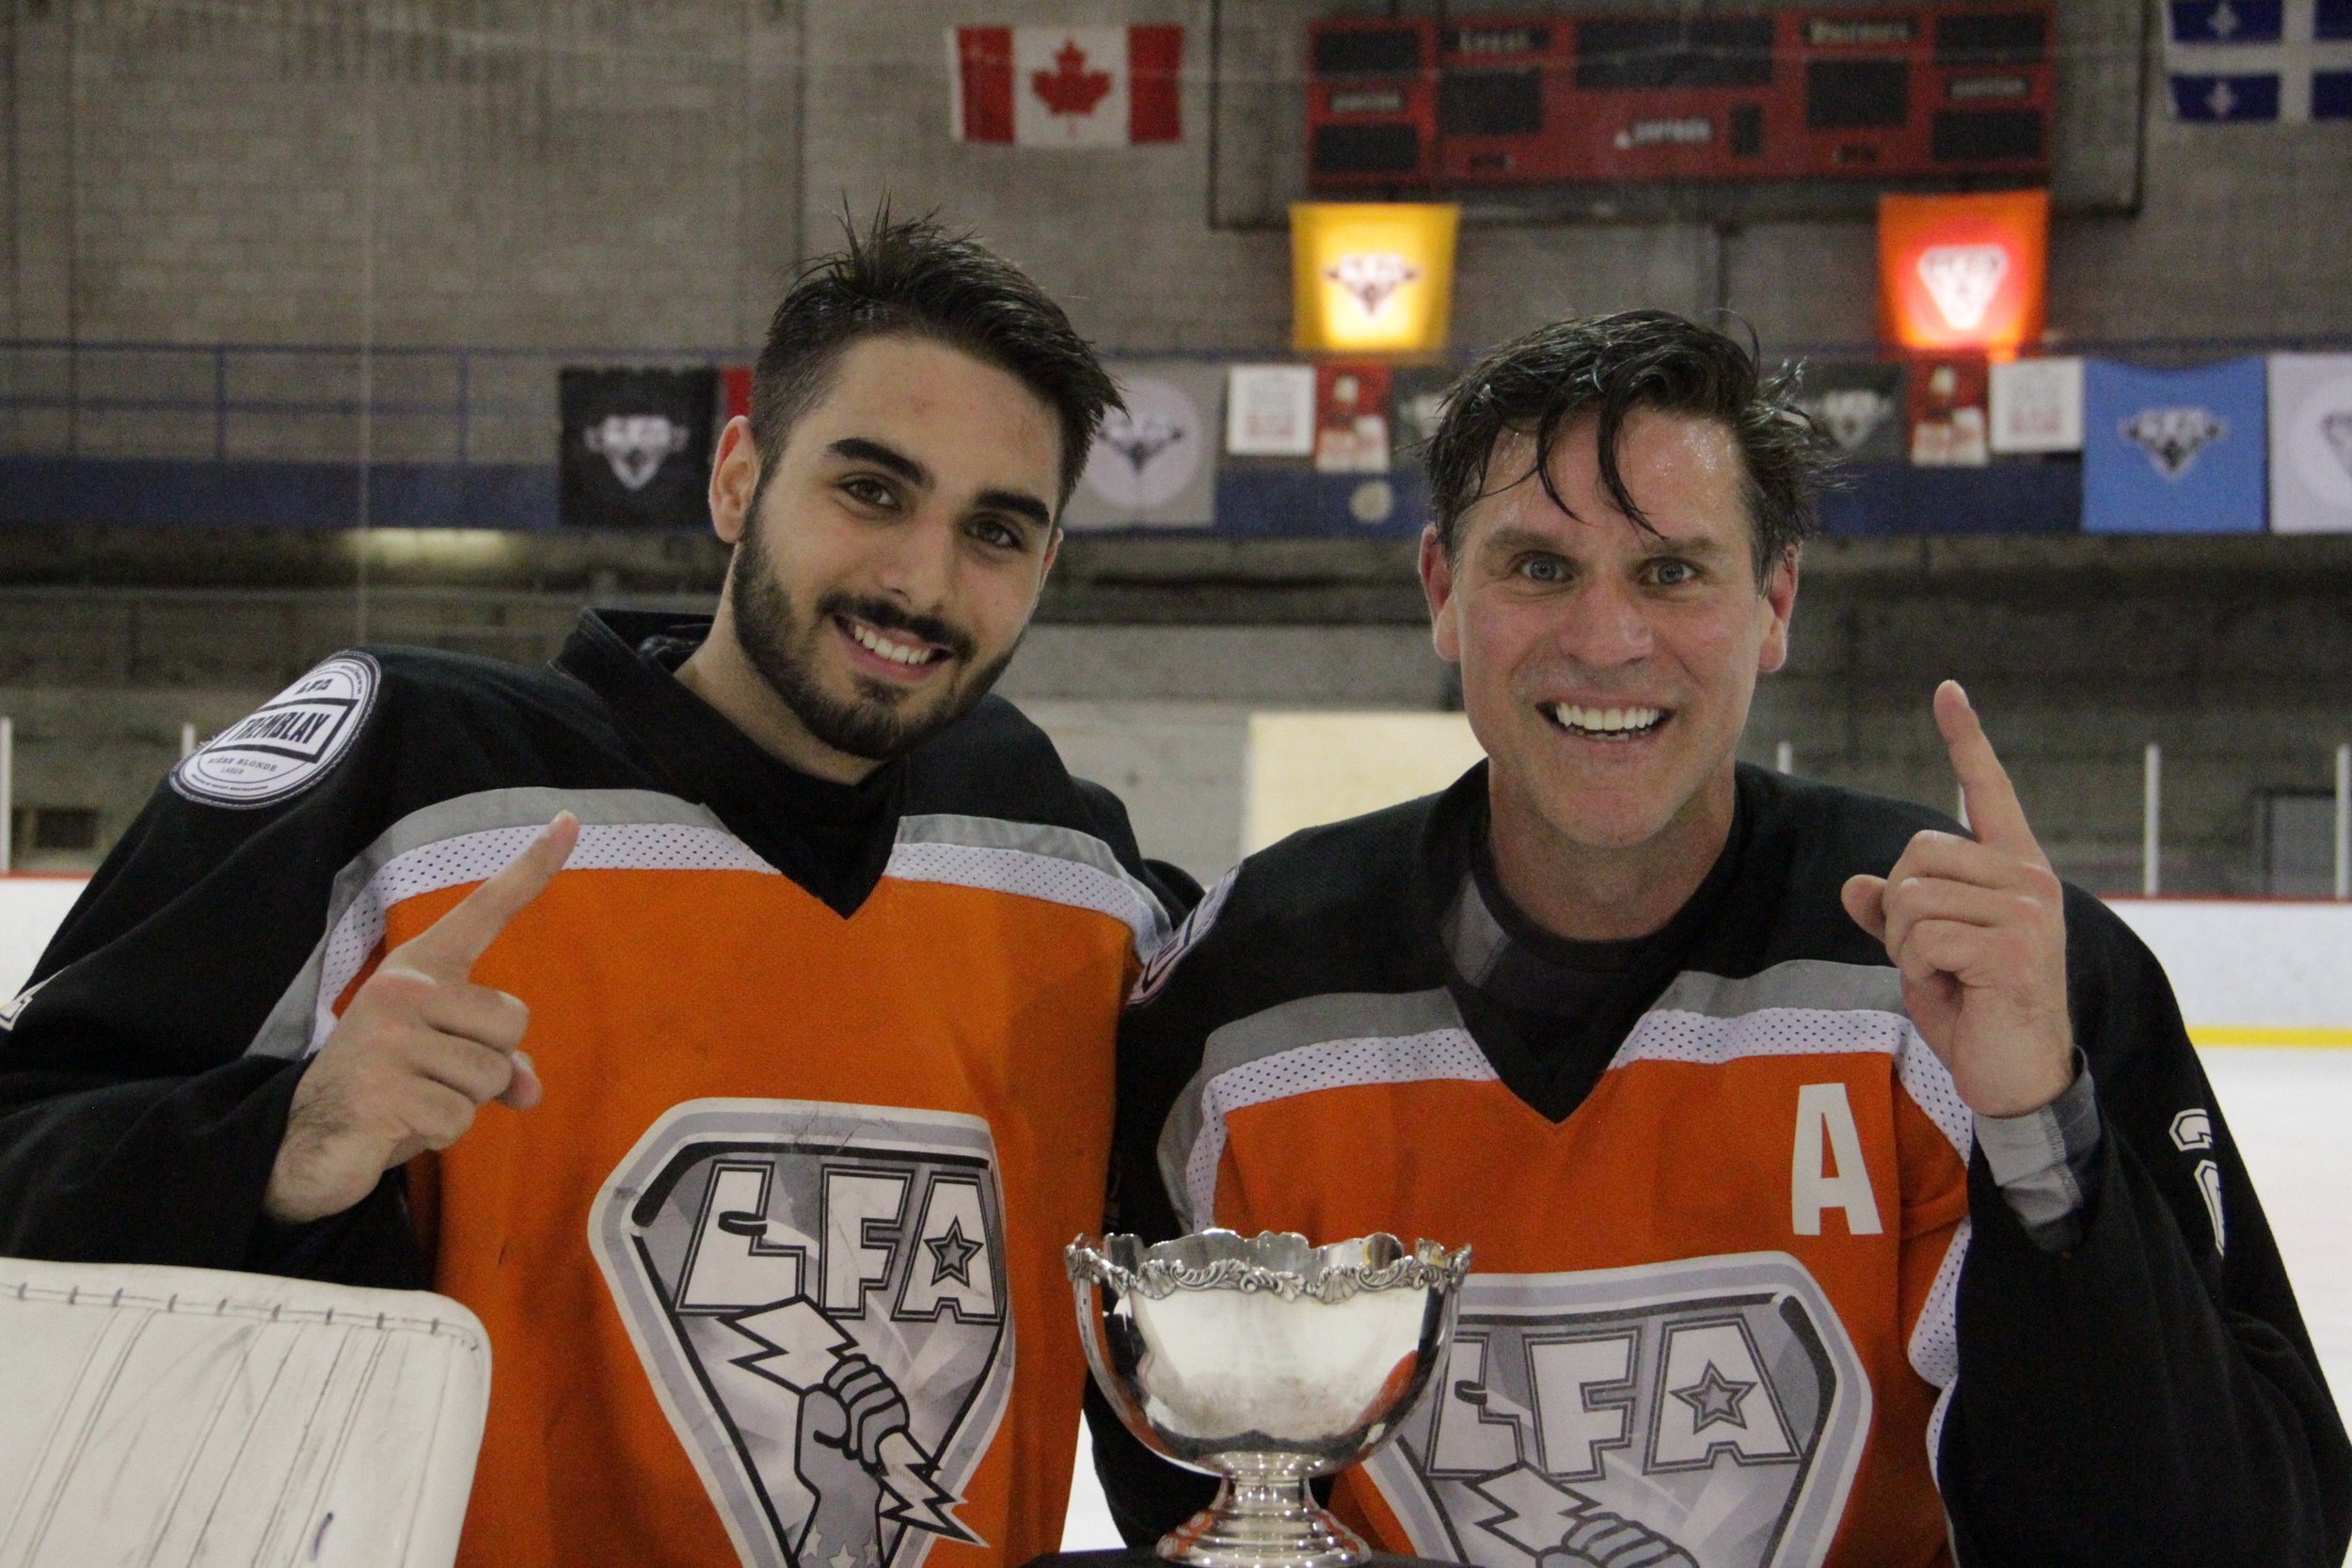 le premier duo père et fils a gagner un championnat dans la lfa. Félicitations à Zack et Remy des Météores (photo François turgeon)